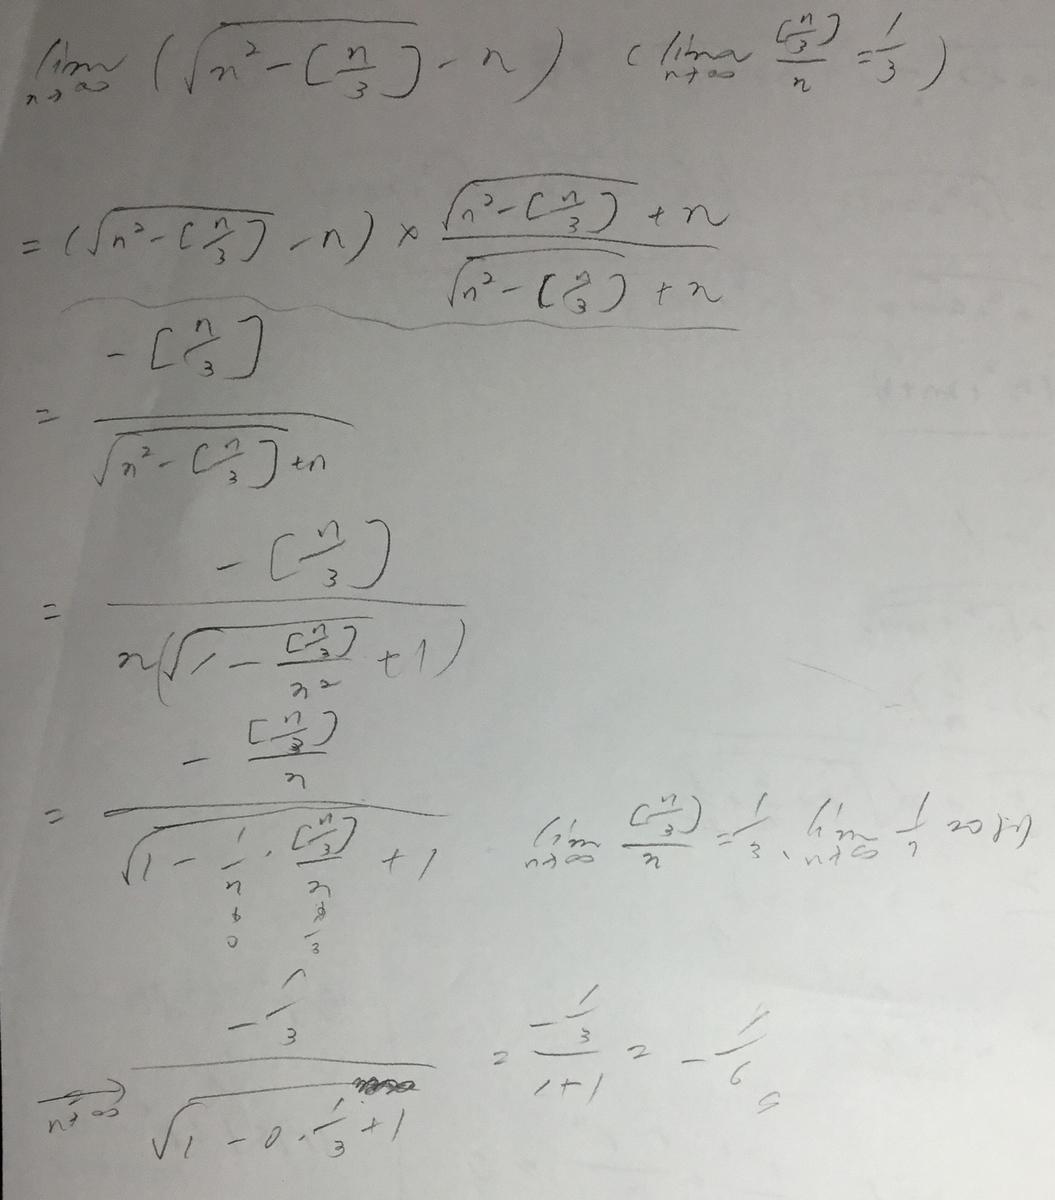 f:id:manaveemath:20200310003406j:plain